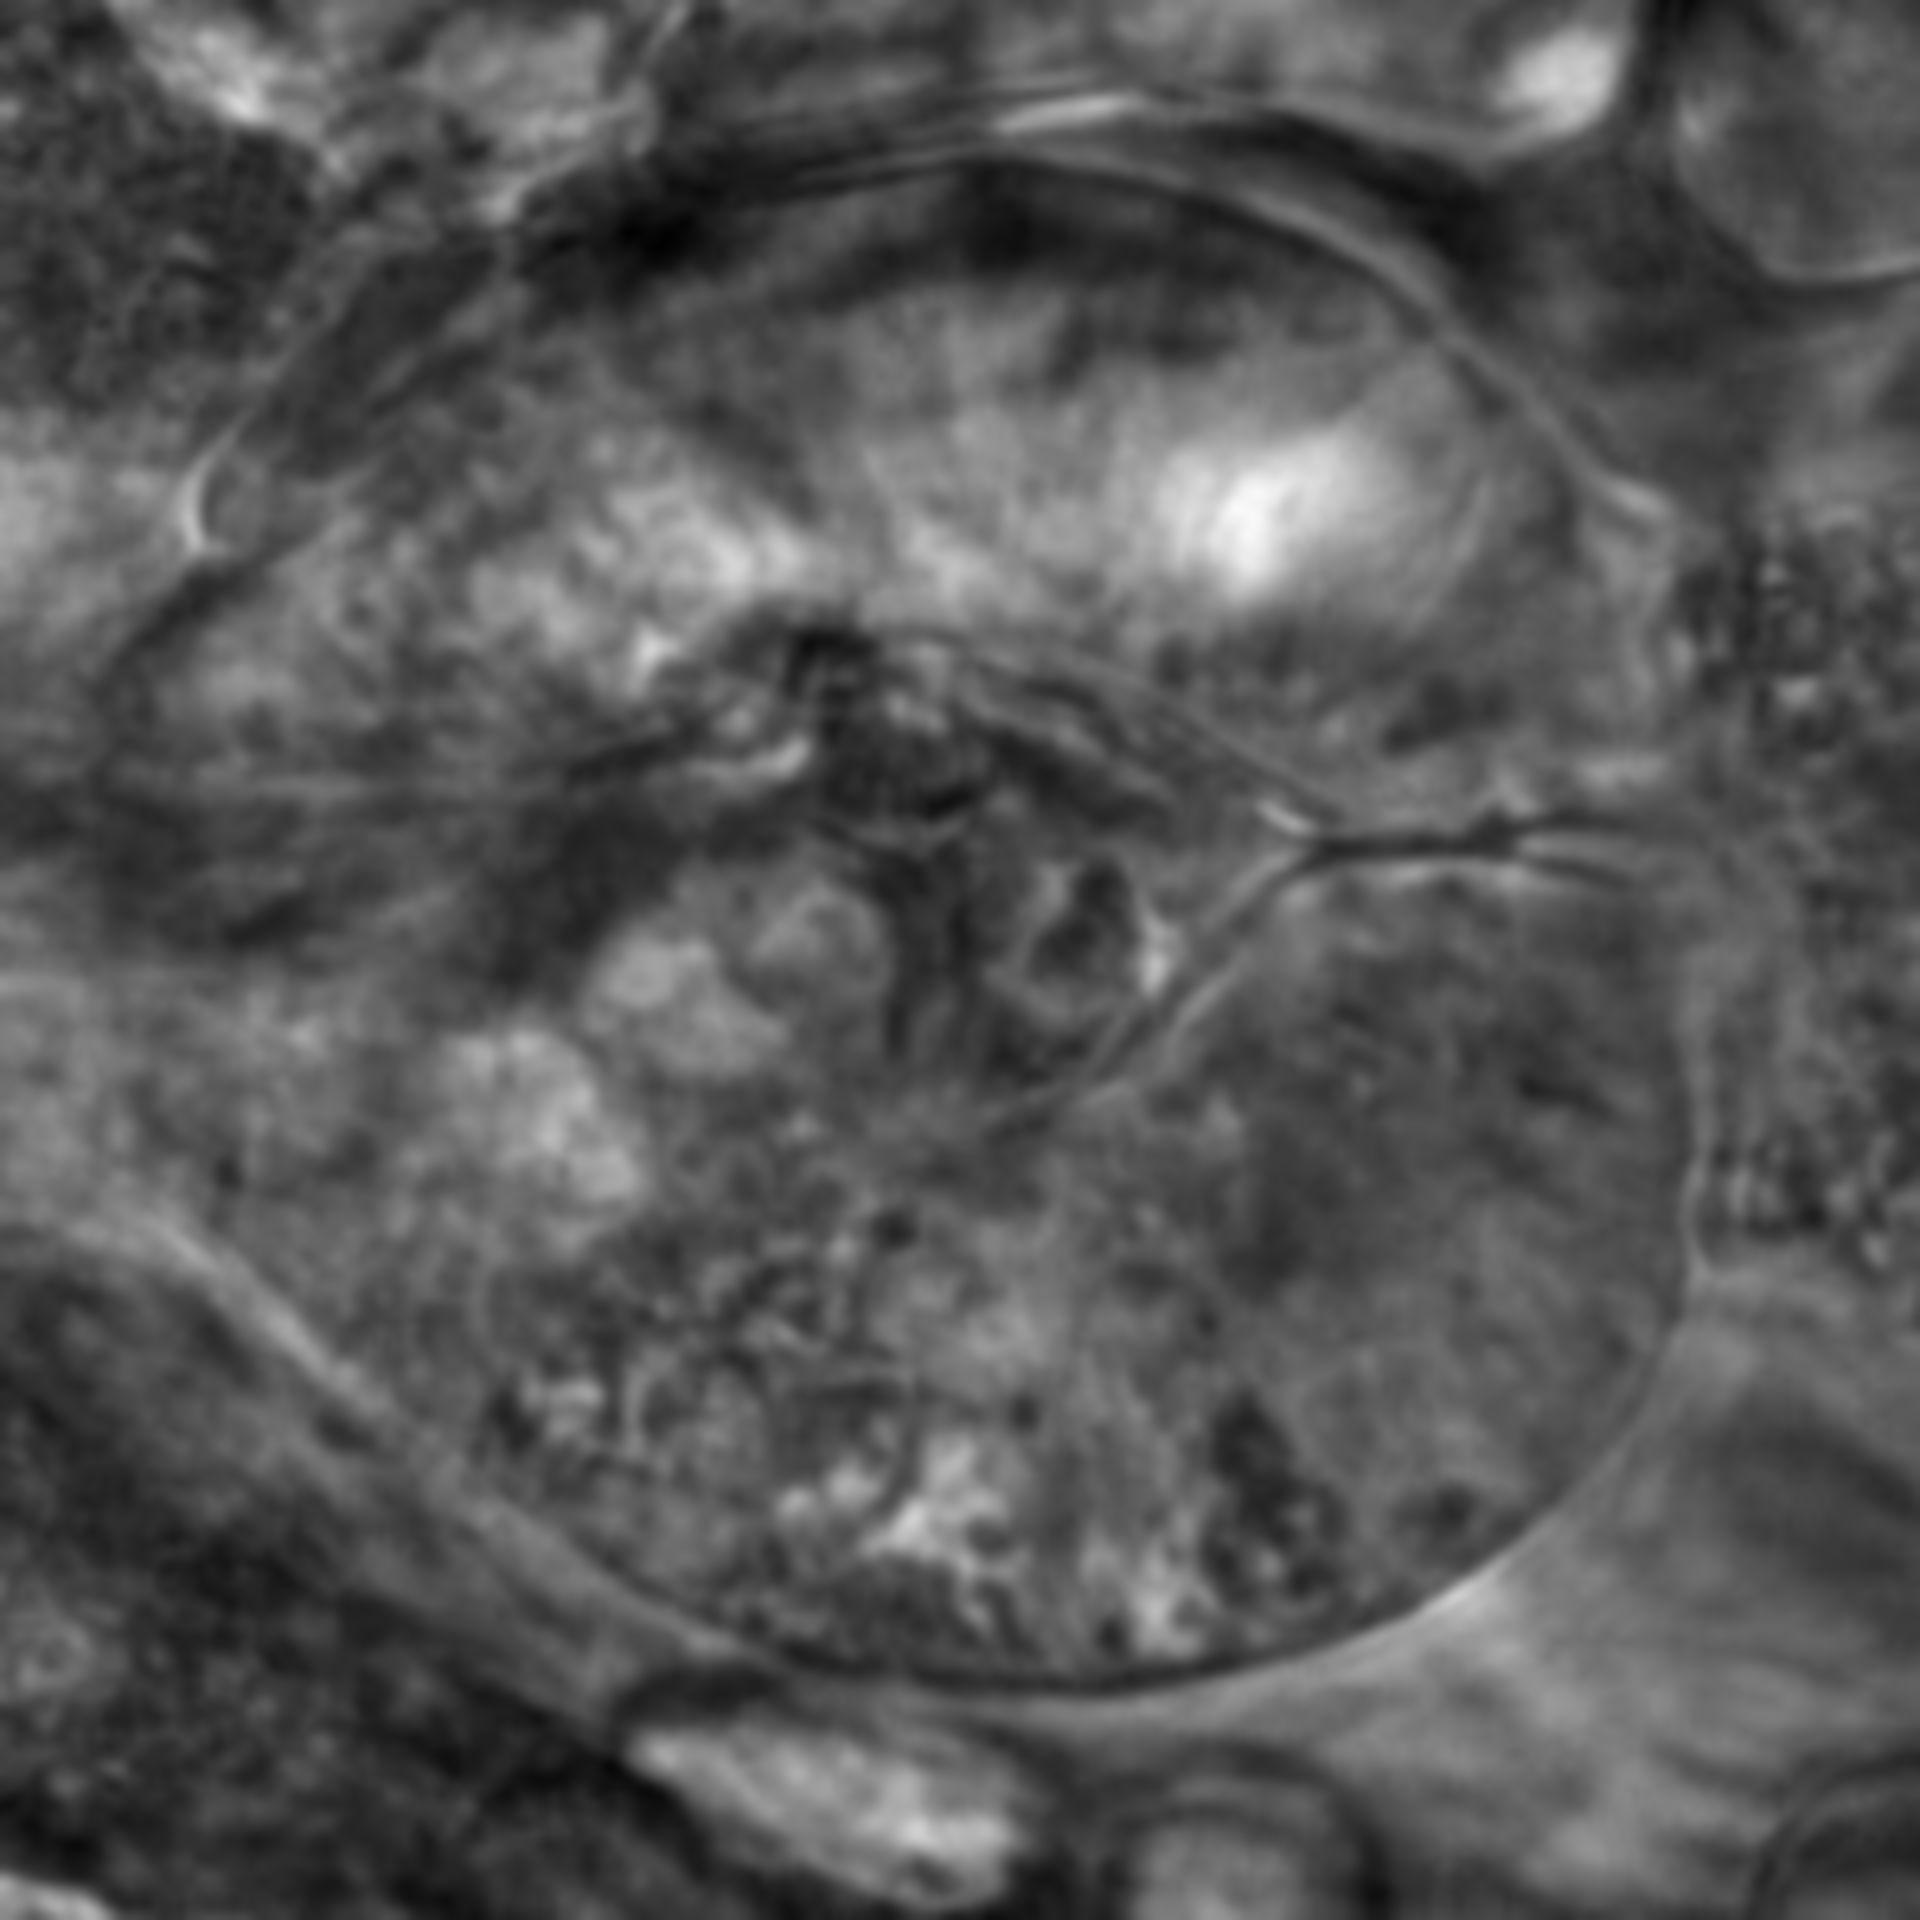 Caenorhabditis elegans - CIL:2704